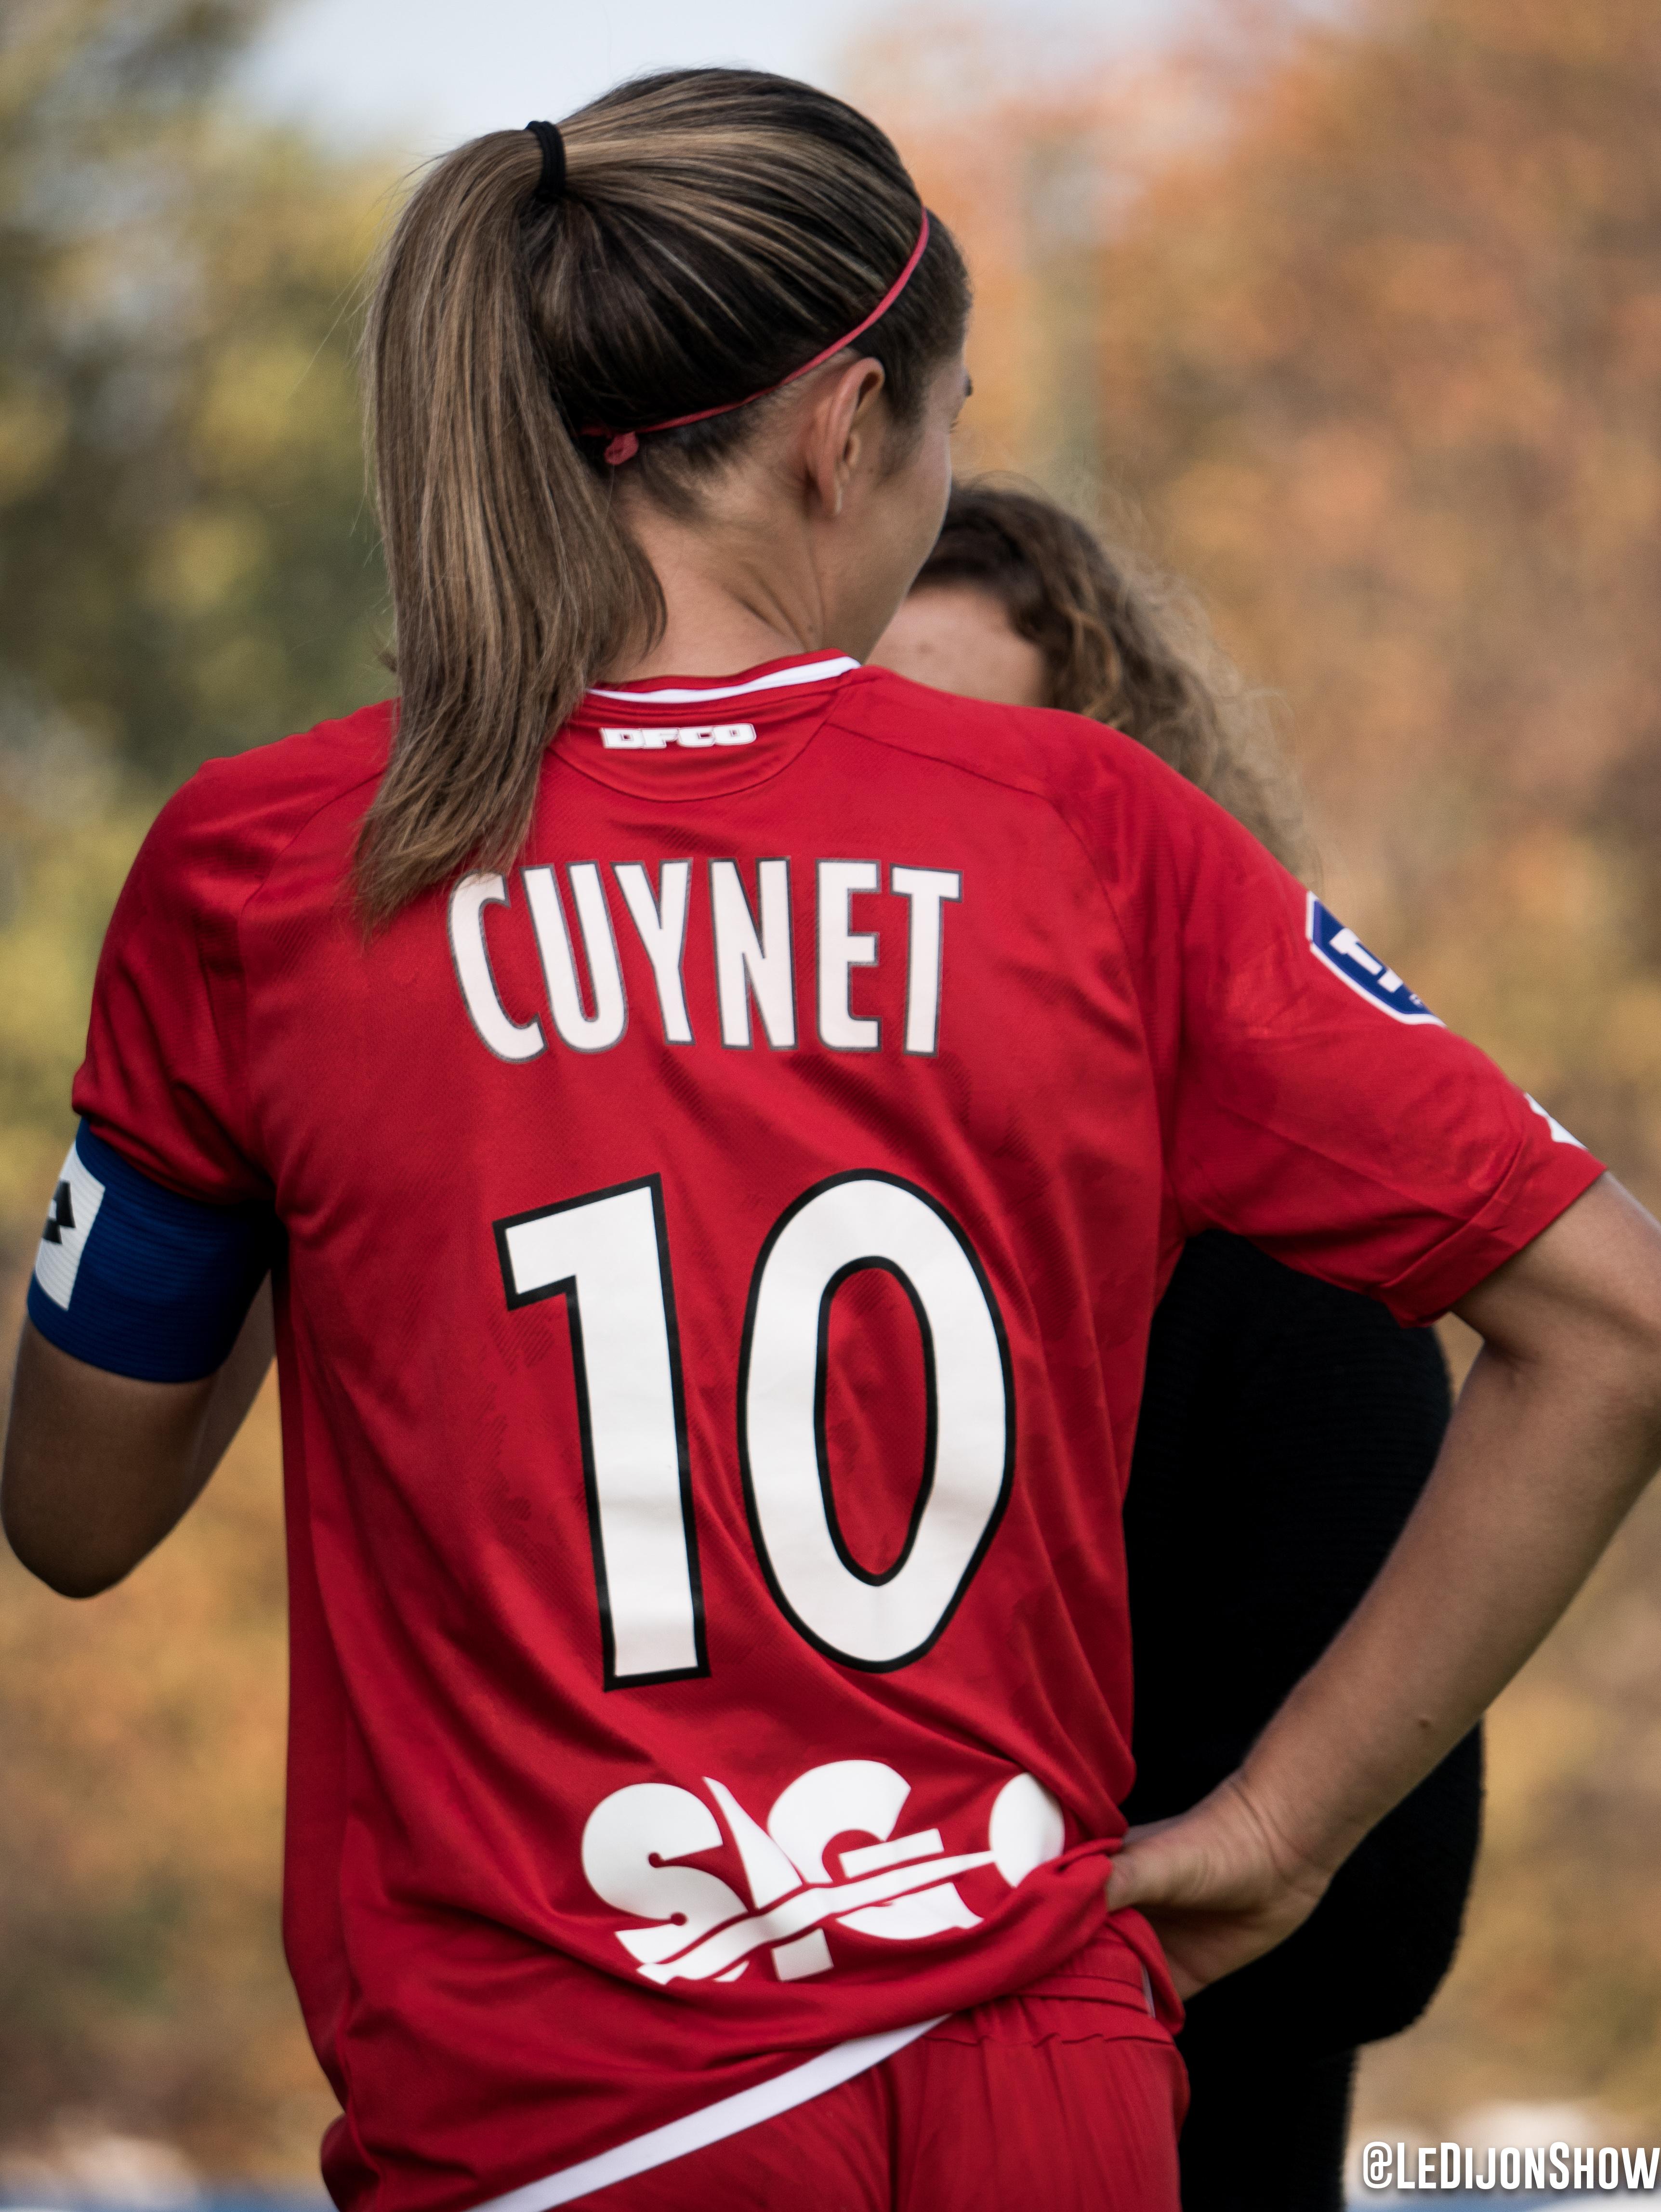 Ophélie Cuynet